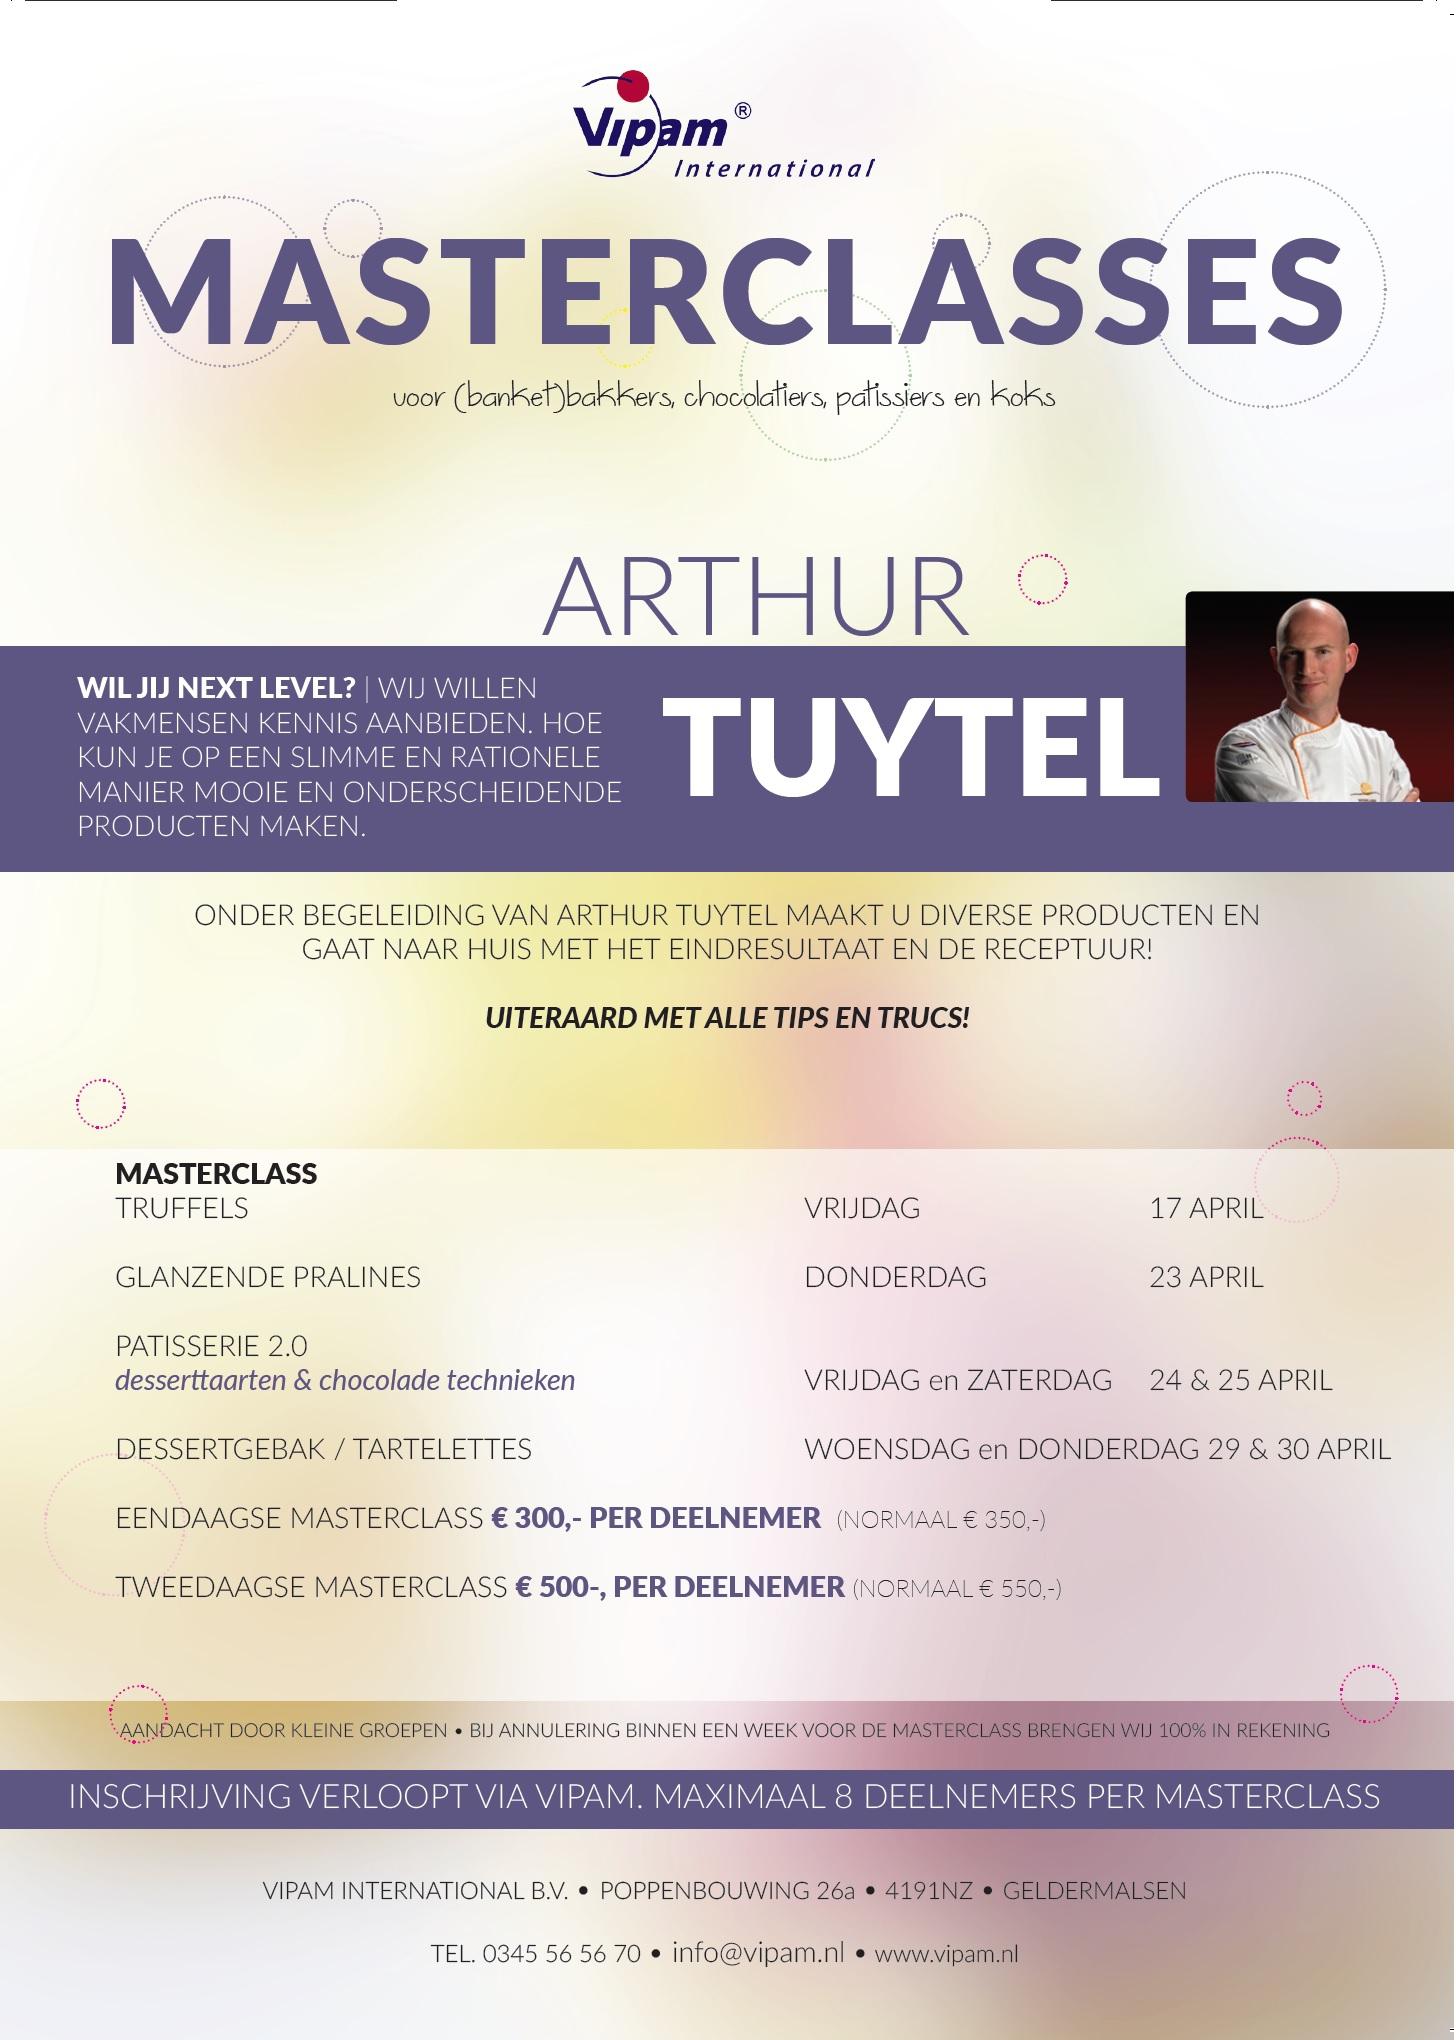 MC Artur Tuytel